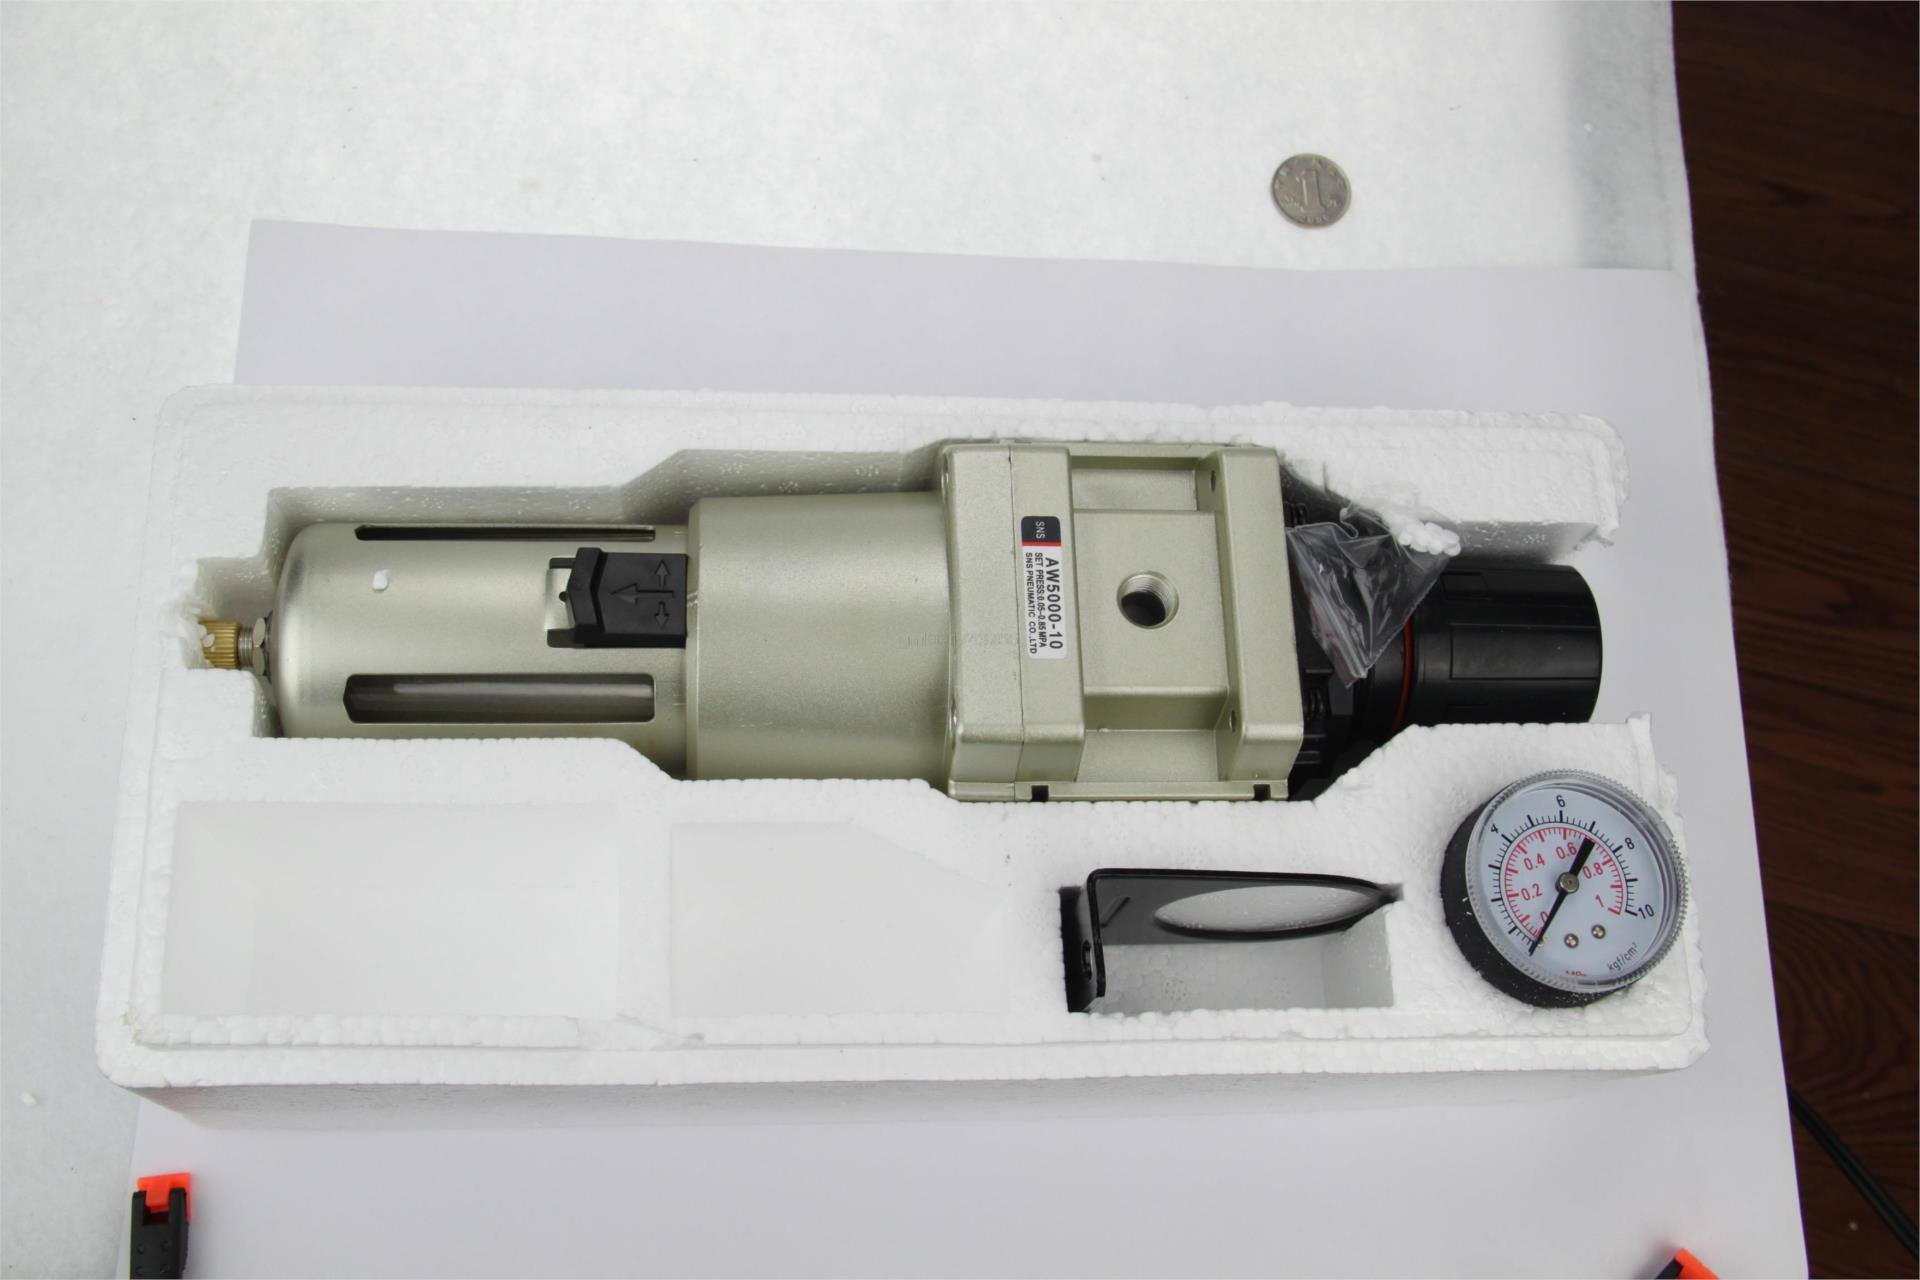 AW5000-10A 1''BSPT régulateur filtre SNS composant pneumatique SMC type compresseur traitement de l'air cuivre drain